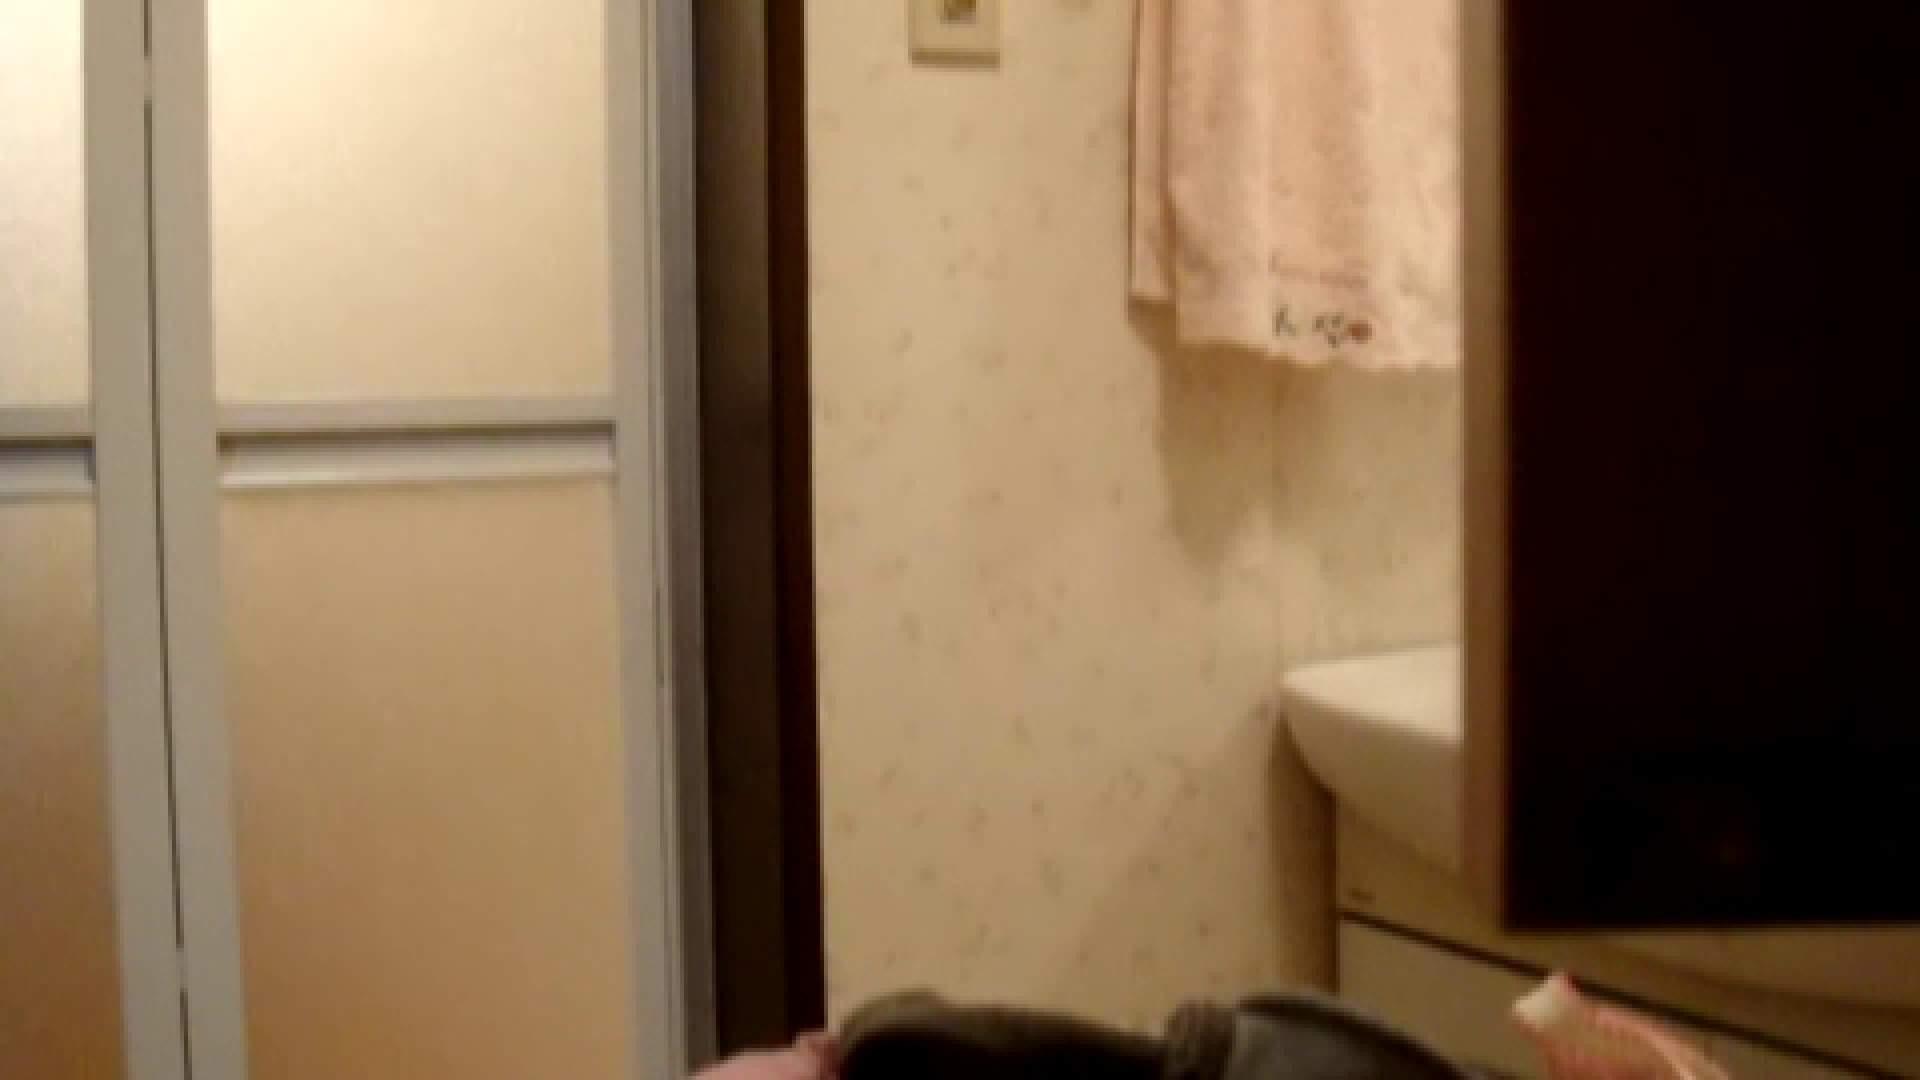 二人とも育てた甲斐がありました… vol.08 まどかの入浴中にカメラに気付いたか!? 綺麗なOLたち | 入浴  90枚 55